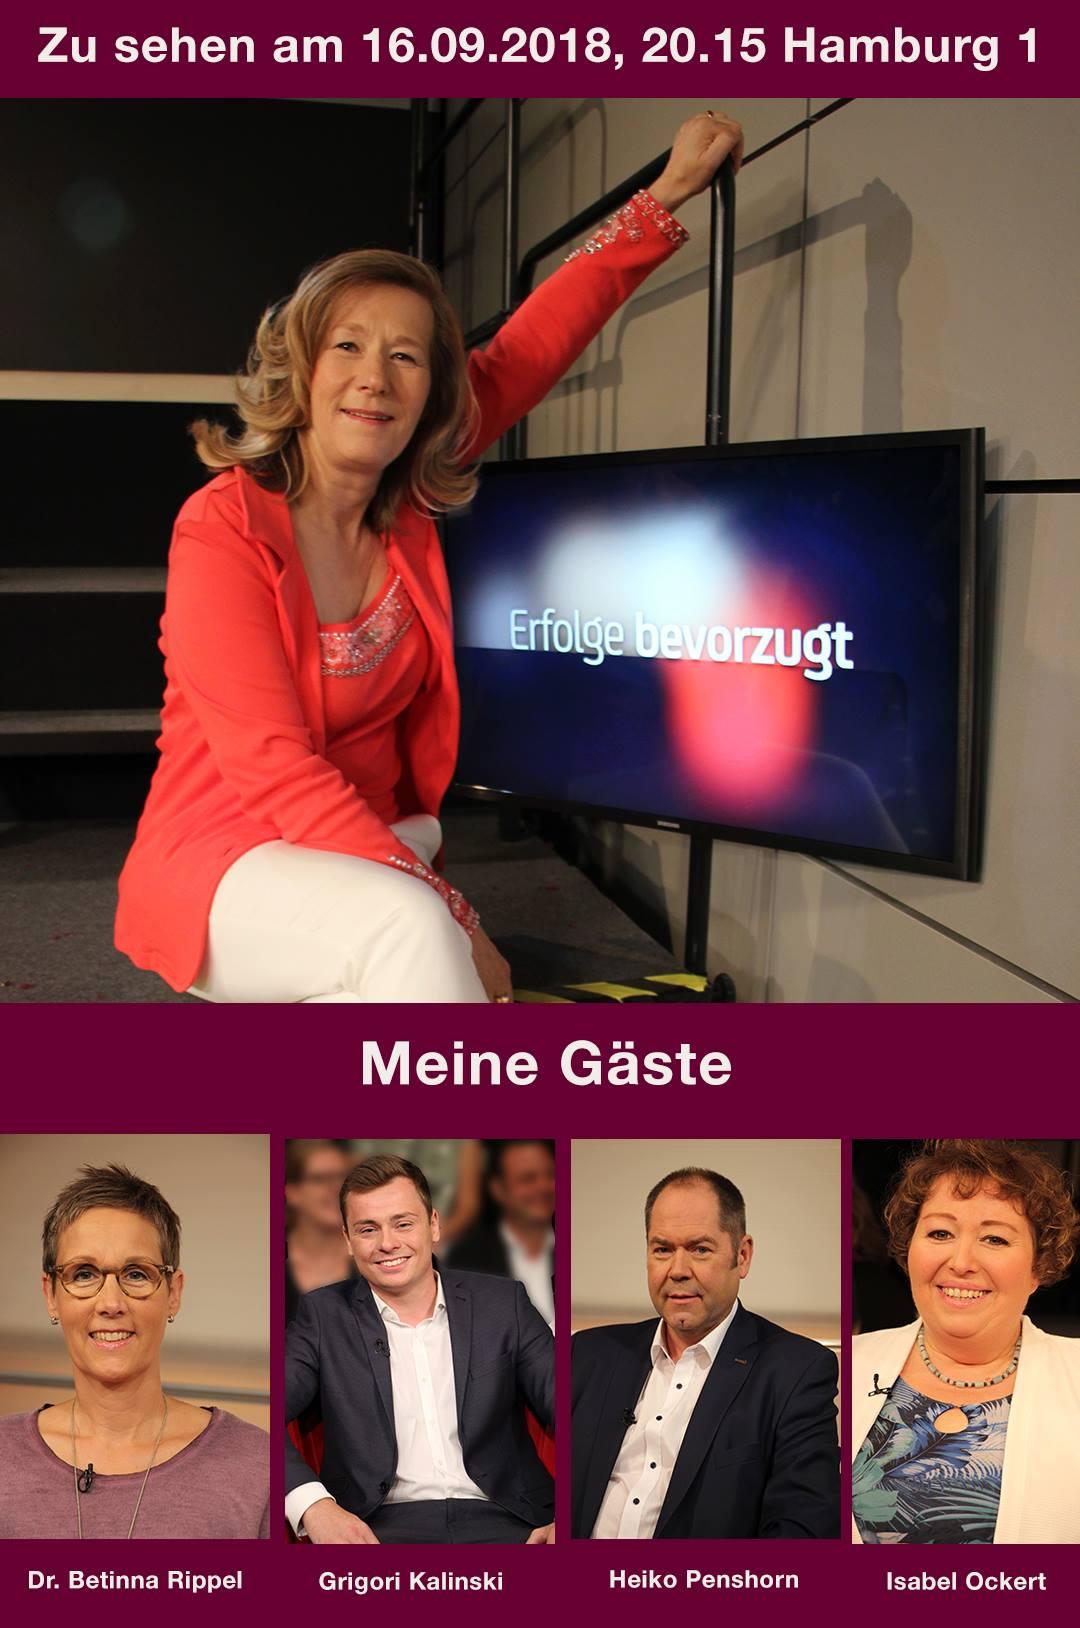 Dr. Bettina Rippel in der Talkshow mit Martina Hautau auf Hamburg 1